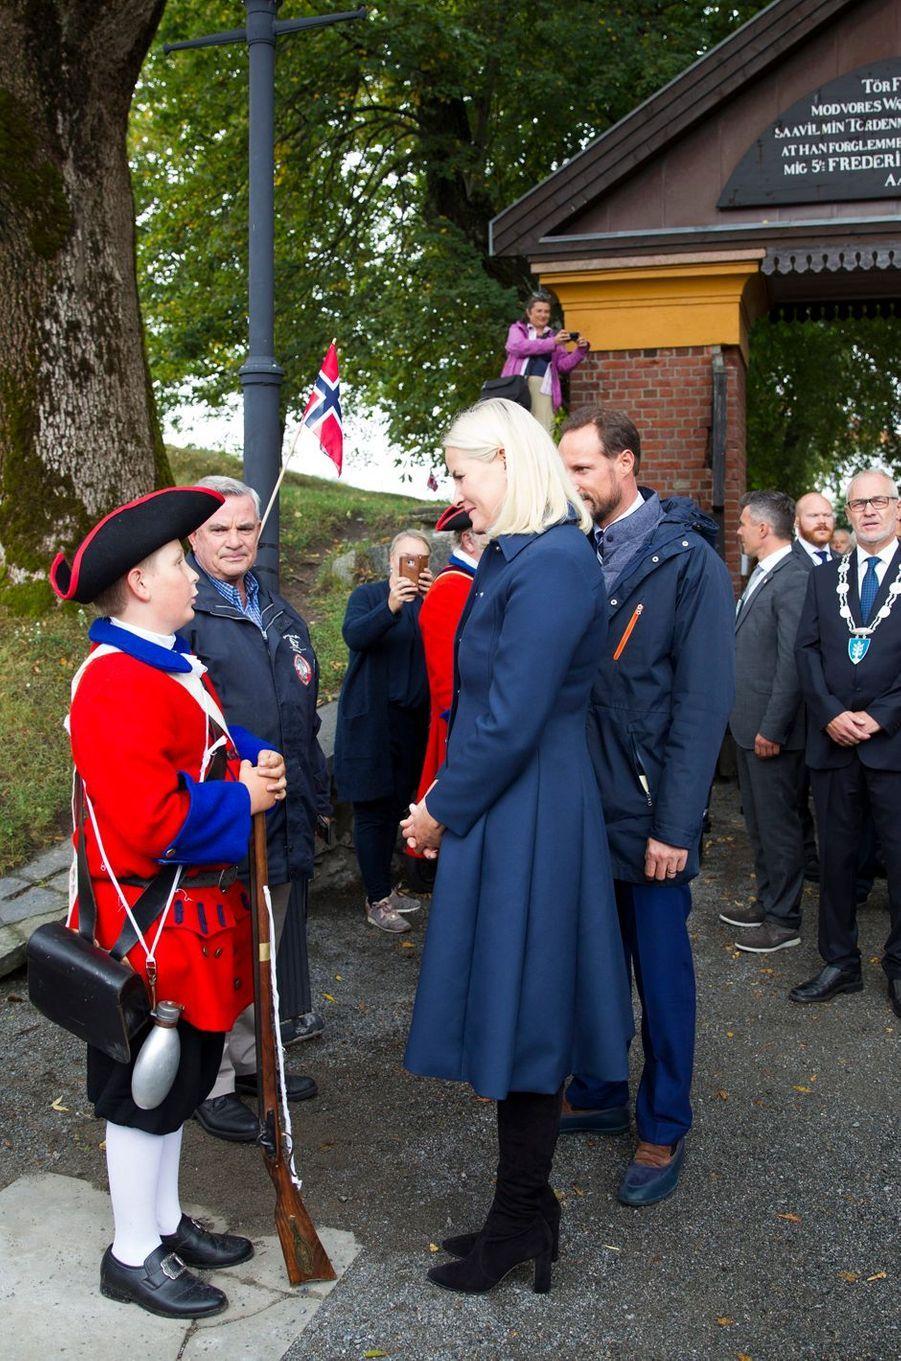 La princesse Mette-Marit et le prince Haakon de Norvège à Staven, le 6 septembre 2018